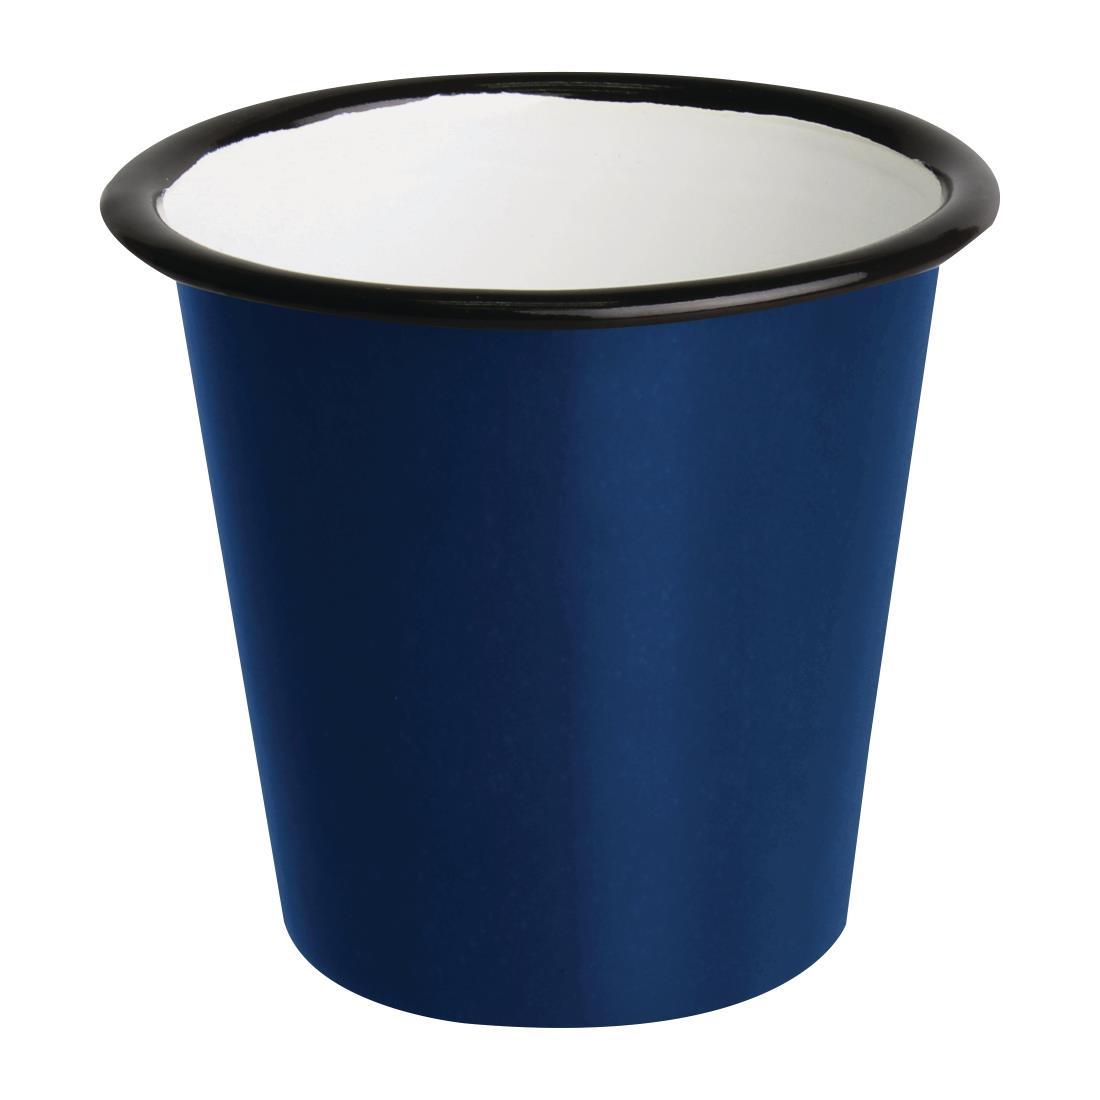 Pot à sauce en acier émaillé bleu et noir Olympia 114ml par 6